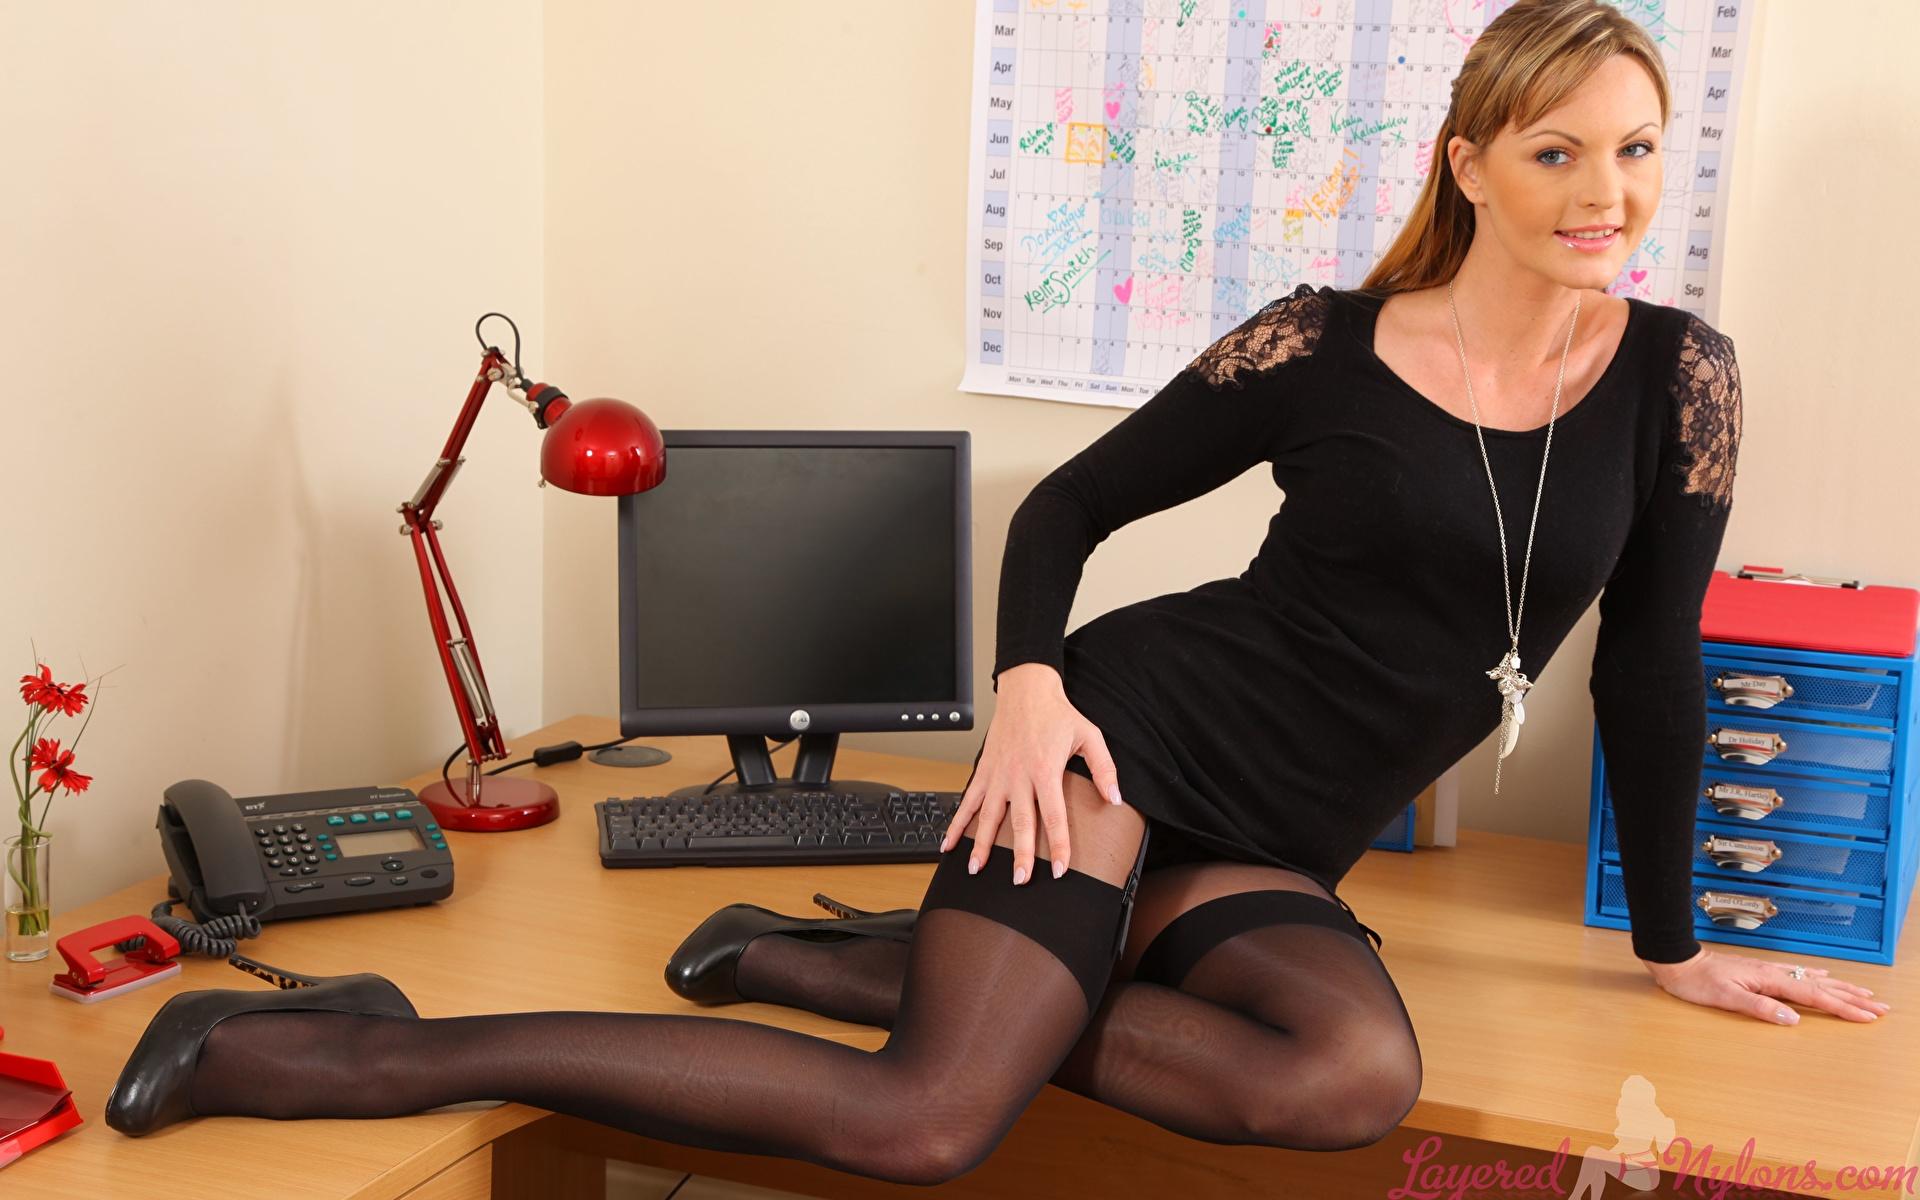 Фото в офисе девушек, Офис Секс Порно, Горячие Офисные Девушки Фото 11 фотография